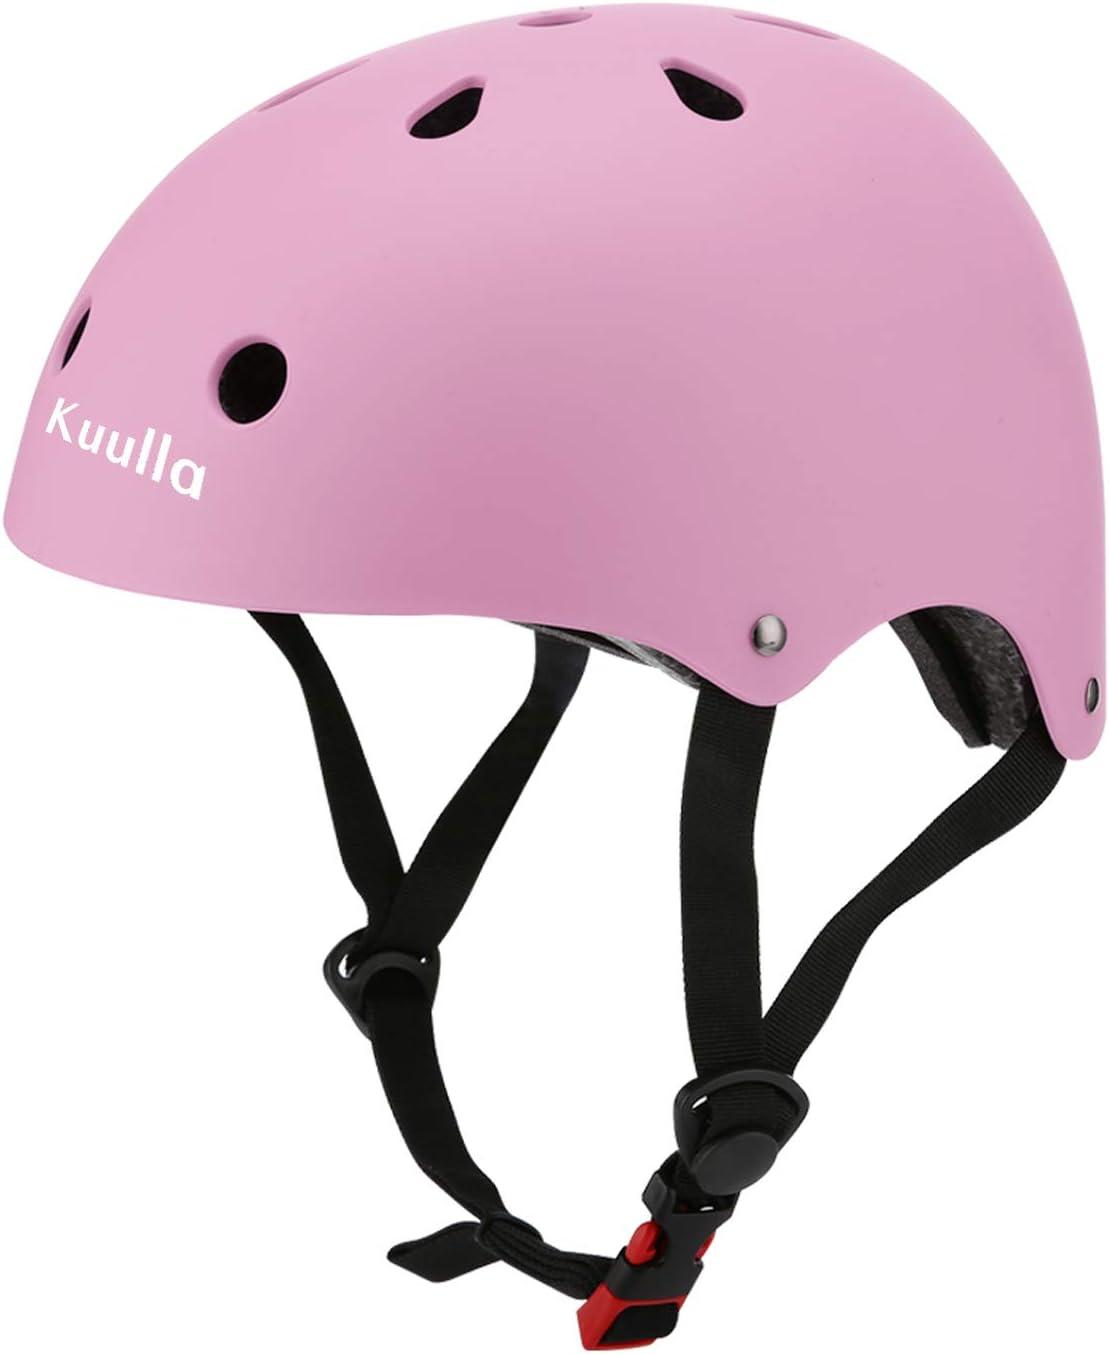 Kuulla Toddler Bike Helmet